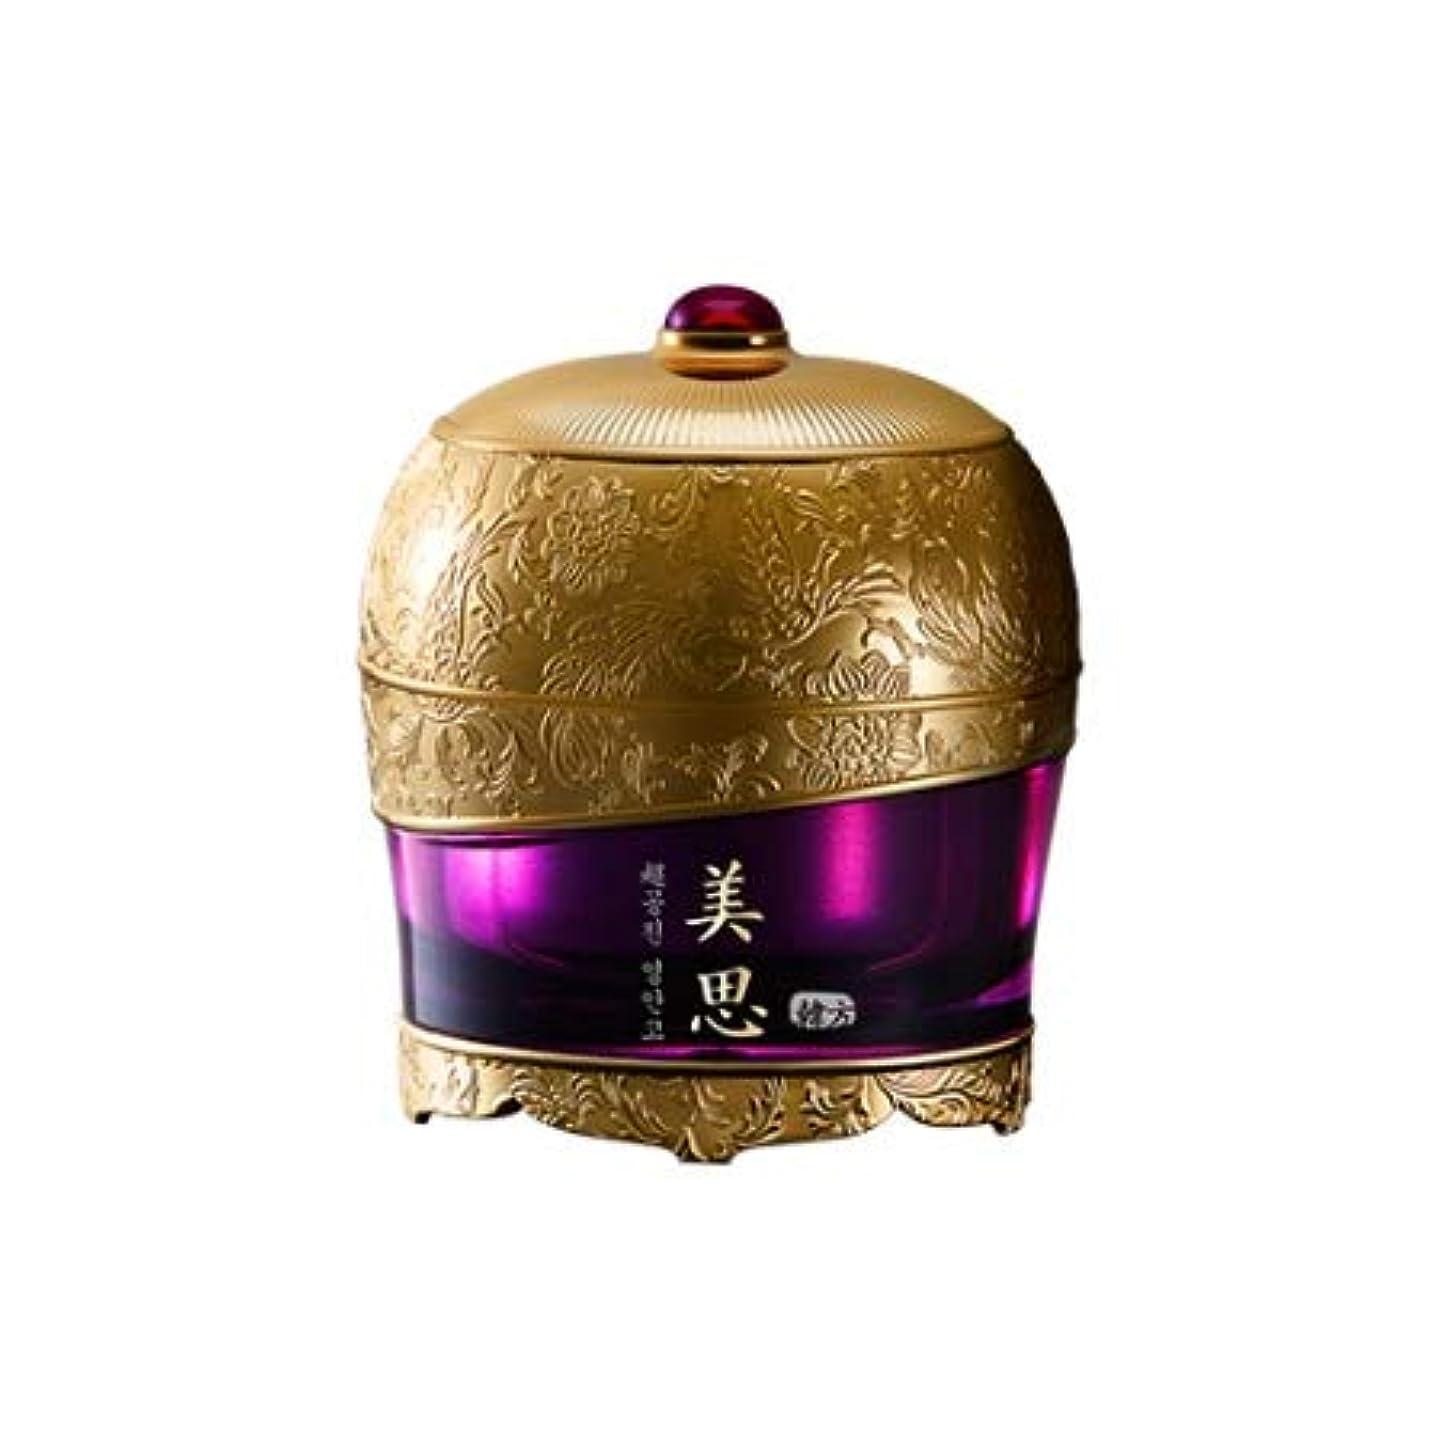 鮫飼いならす相続人MISSHA Chogongjin Premium cream ミシャ美思超拱辰(チョゴンジン) 永安膏 クリーム クリーム 60ml [並行輸入品]